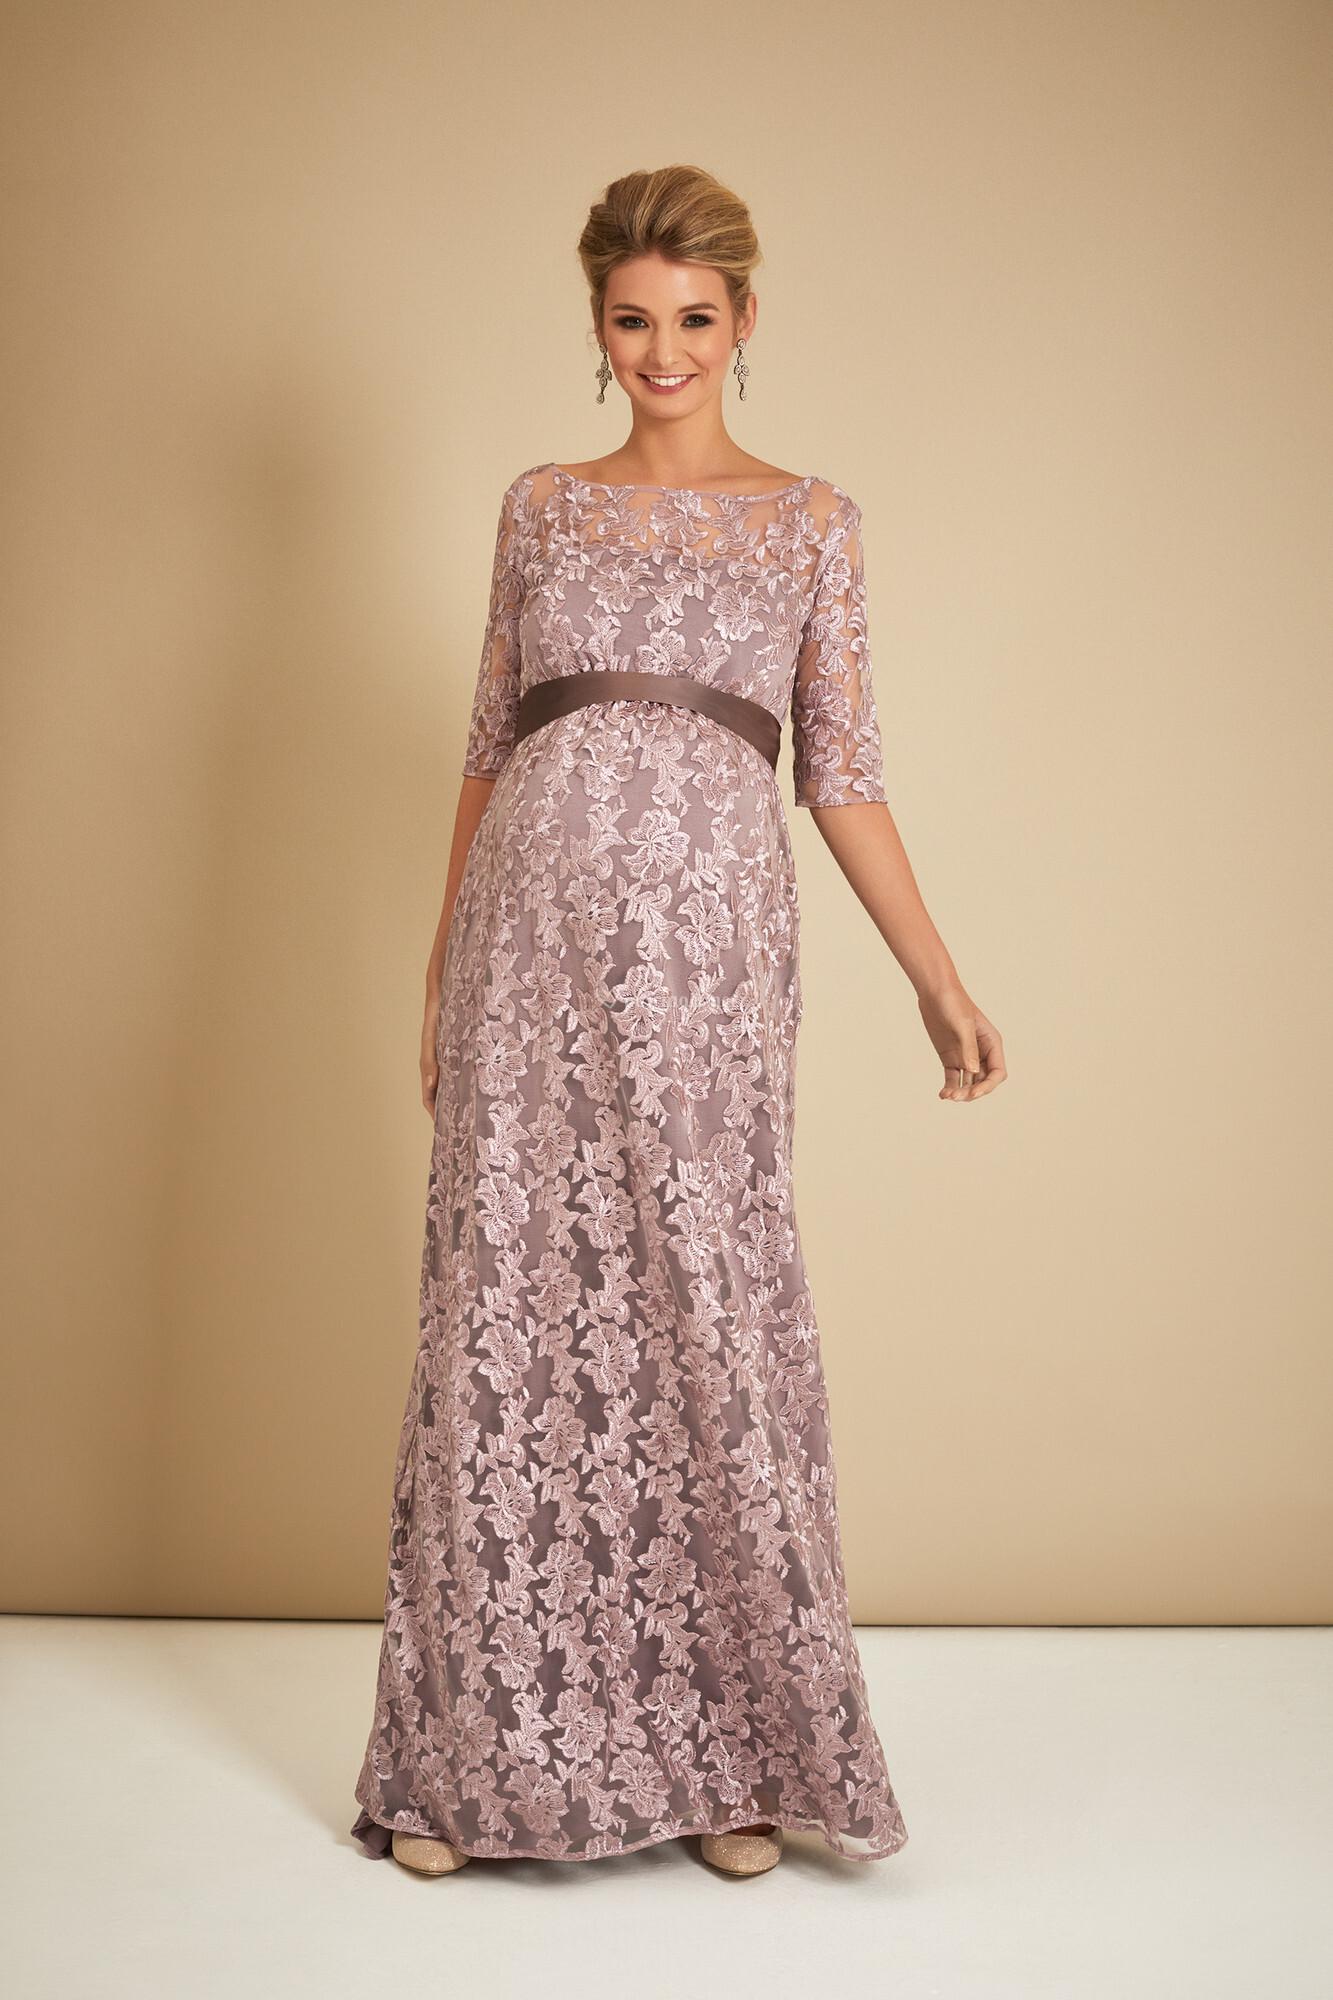 rosados noche Vestidos Tiffany Pgluqzvsm de q4ARjL53